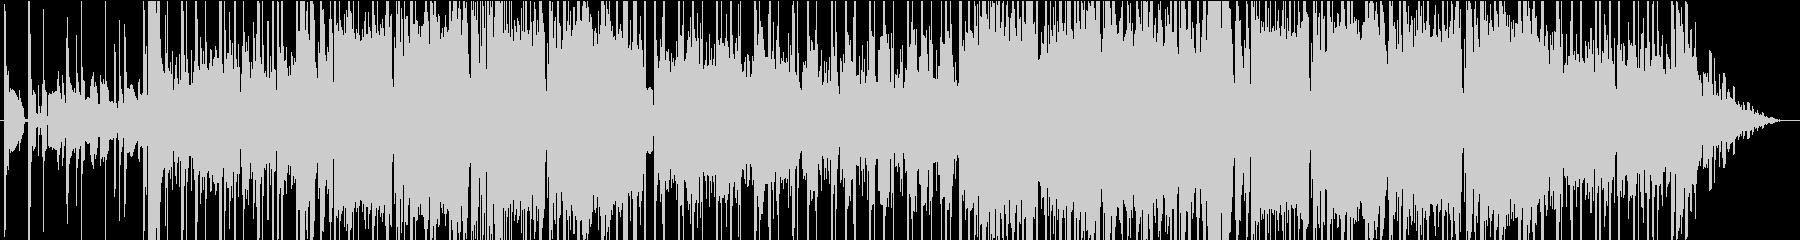 アコーディオンのLofihiphopの未再生の波形